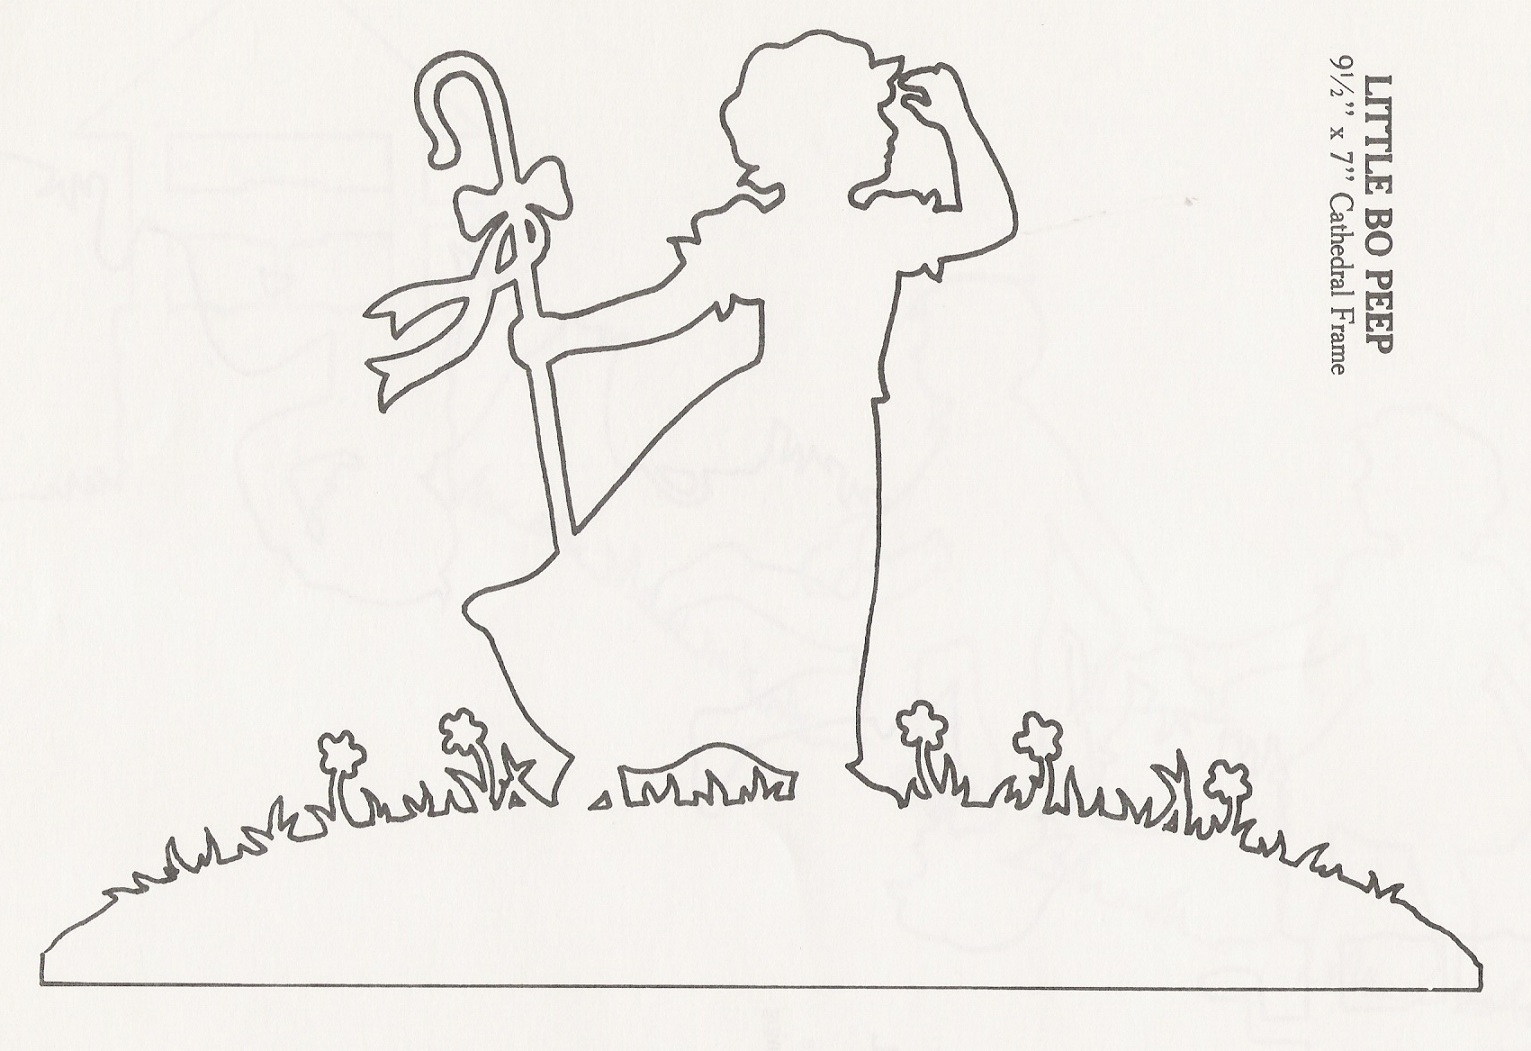 inkspired musings: Little Bo Peep Nursery Rhymes with Mother Goose